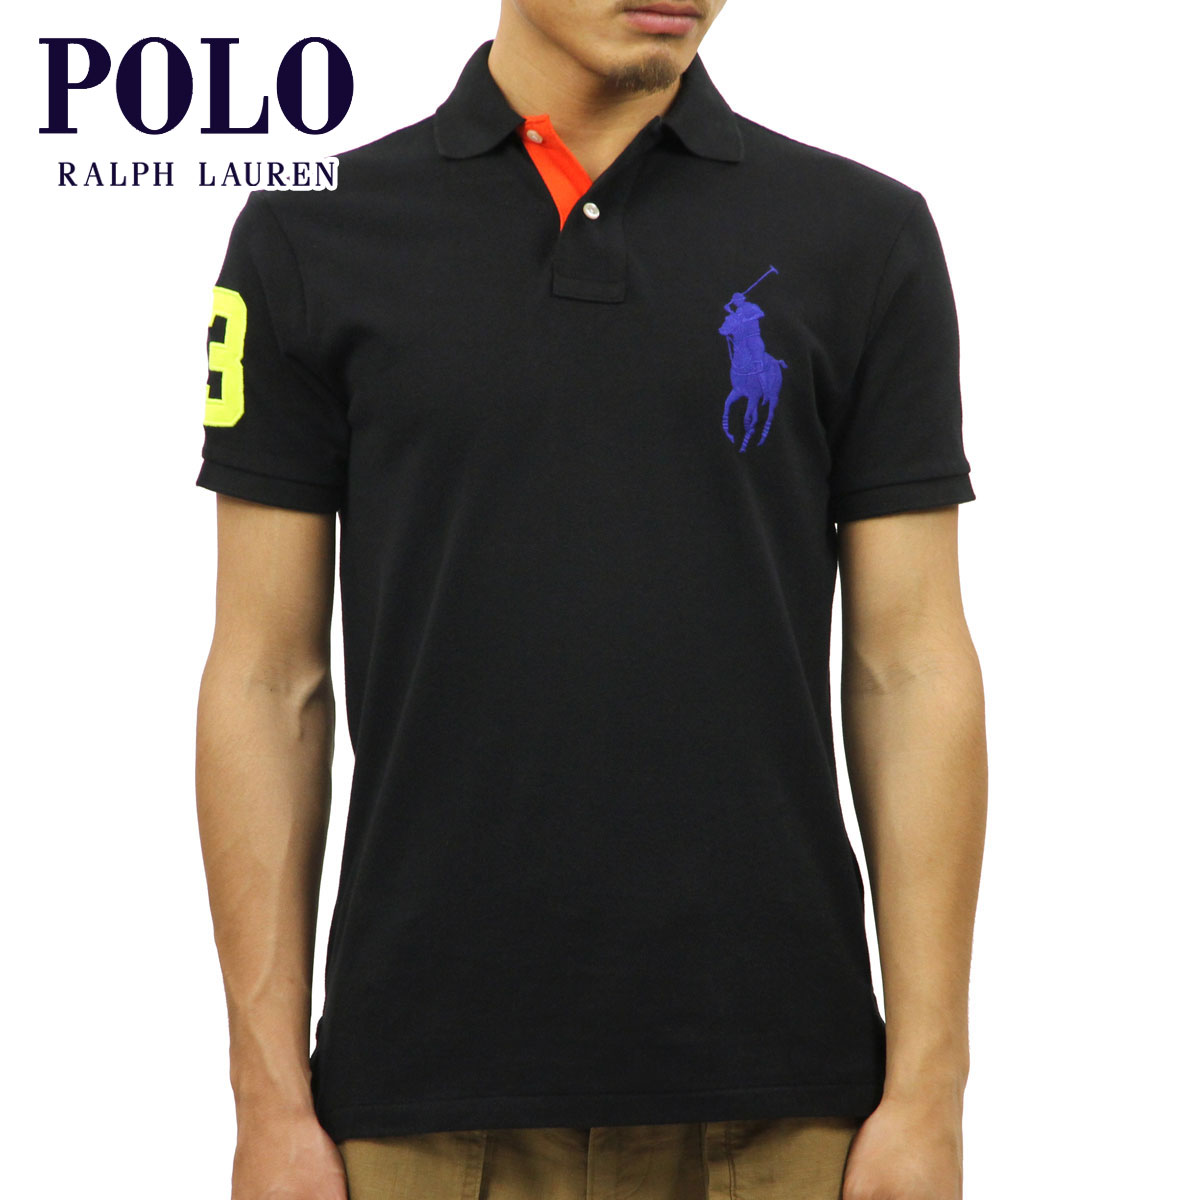 Ralph Lauren Men's Big Pony Short Sleeved Shirts Black